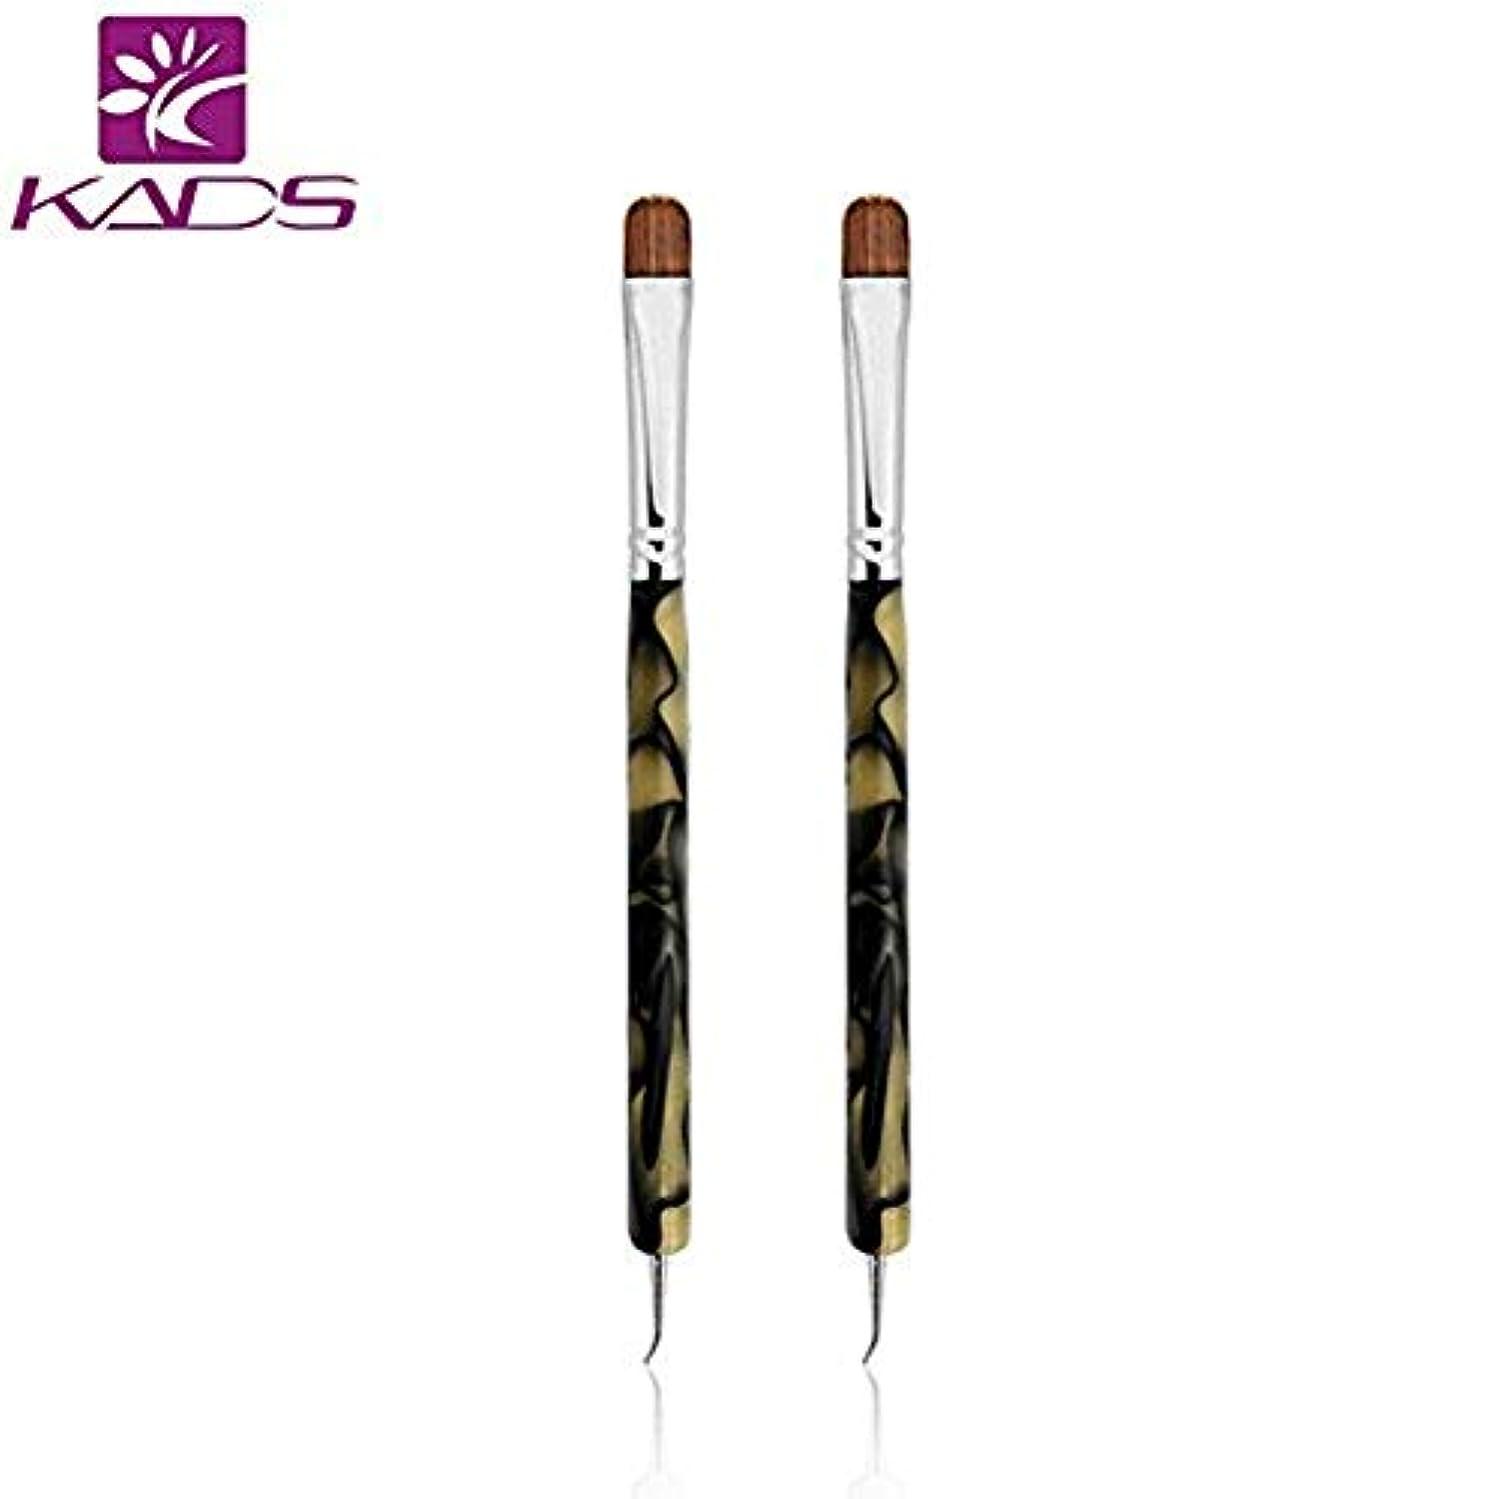 フリースパイントレタッチKADS アクリル用ブラシ/ドットペン付き 2way用 2本入り コリンスキー製ブラシ/ペン ネイルアート用道具(2個/セット)